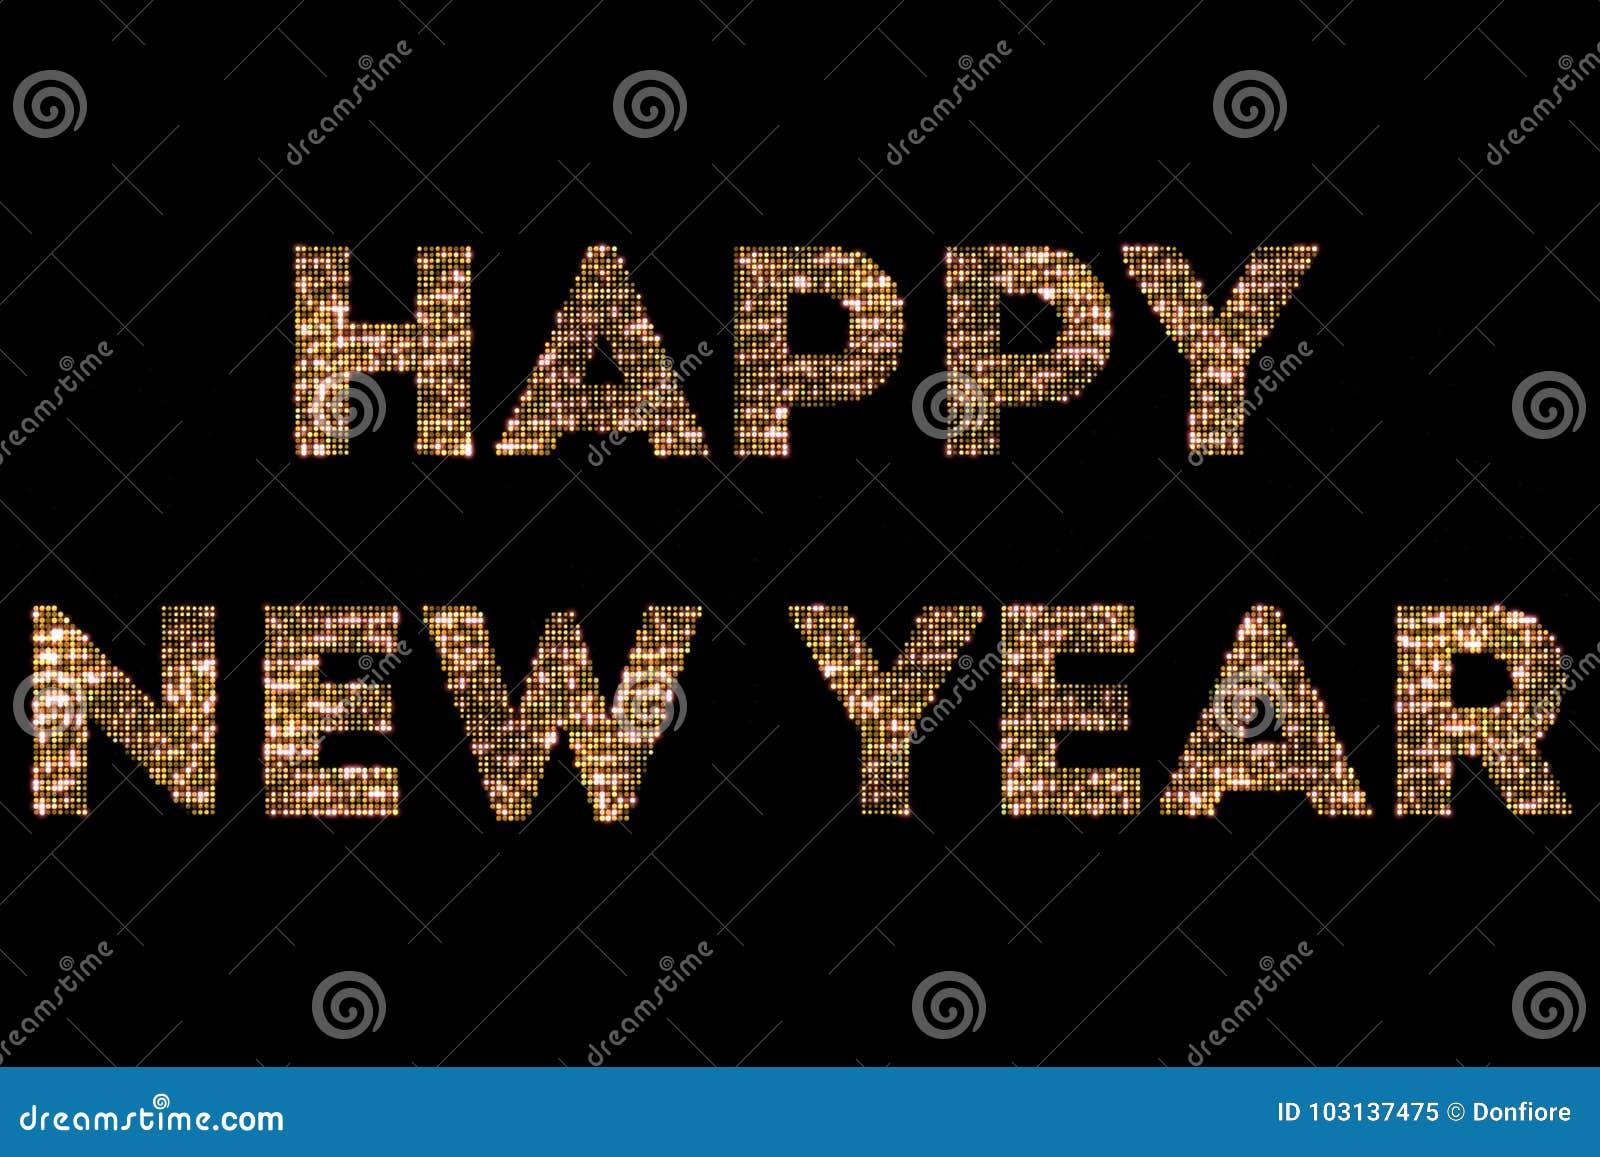 Het uitstekende gele goud schittert sparkly lichten en het gloeien effect simulerend leds gelukkig nieuw jaar 2018, 2019, 2020, 2